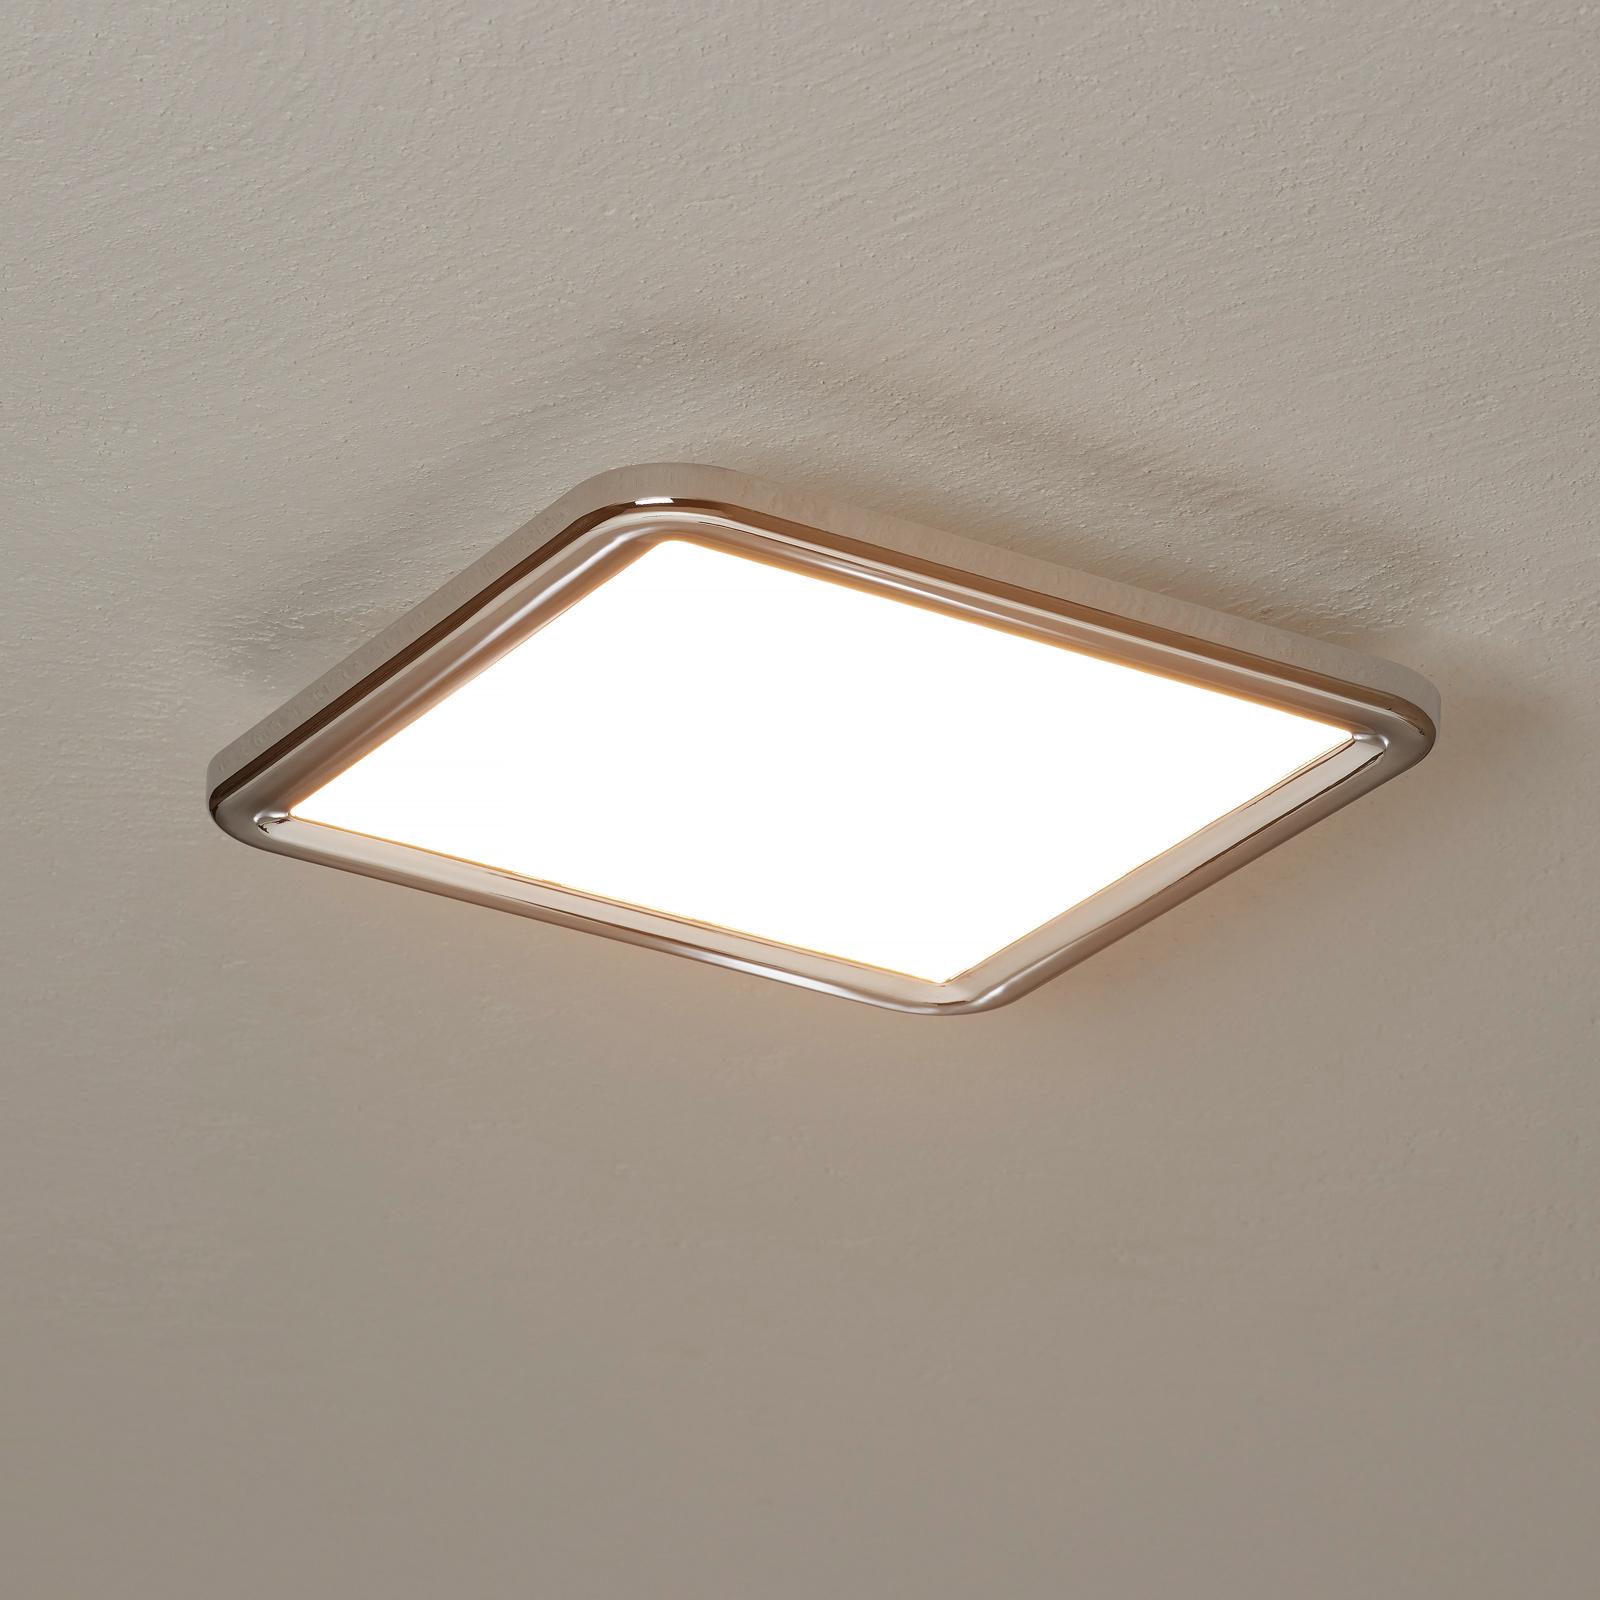 Lampa sufitowa LED Neptun, easydim 30x30cm, chrom